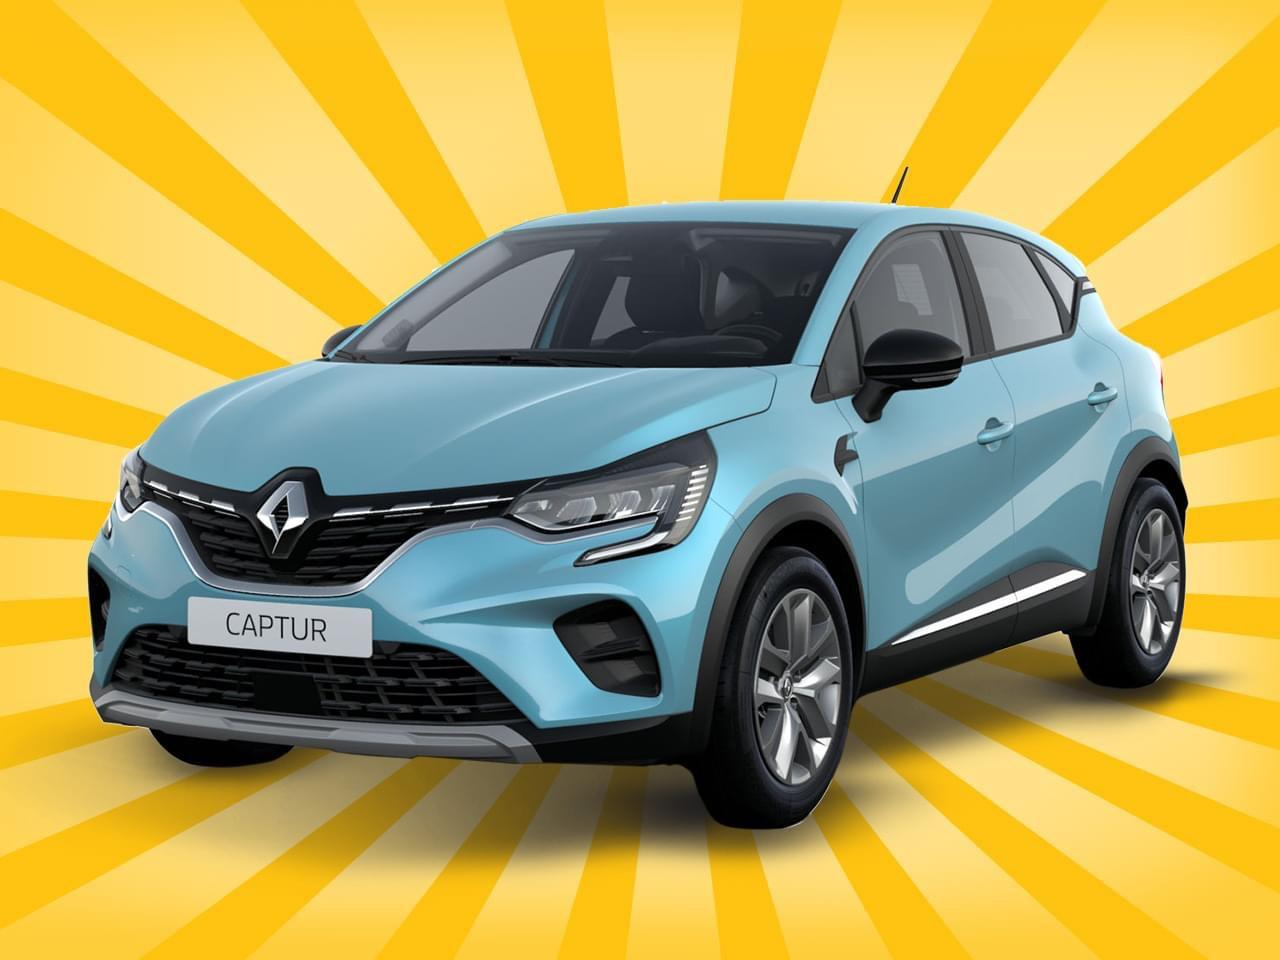 Renault Captur LF 0,42 Leasing 12 Monate für Gewerbetreibende